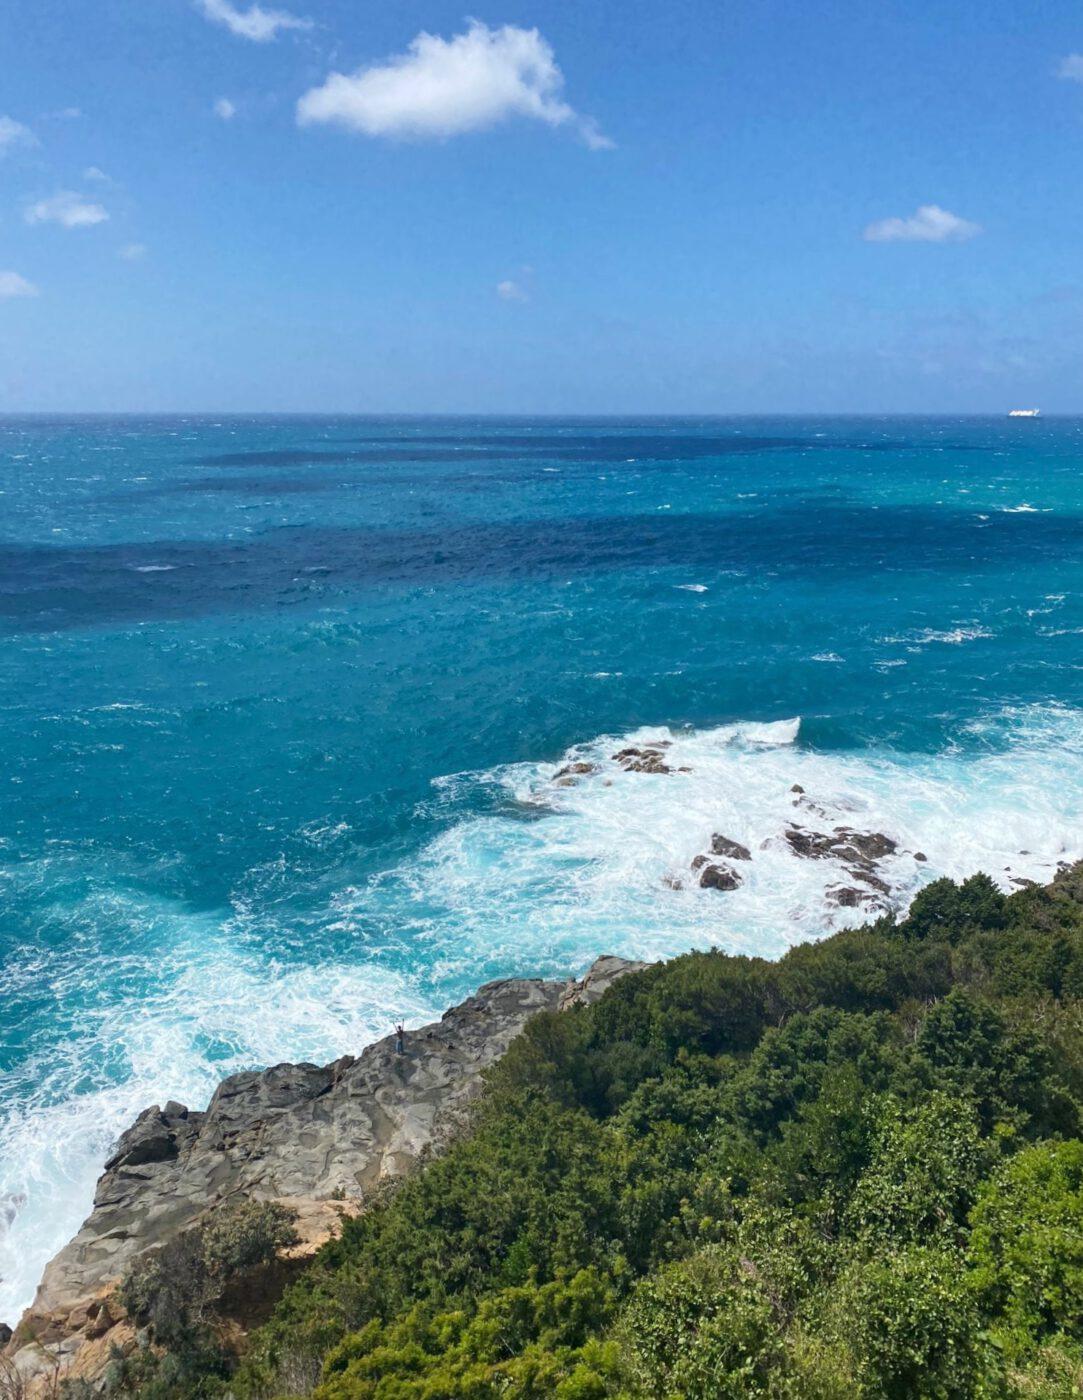 The Coast of Dolce Vita - Castiglioncello